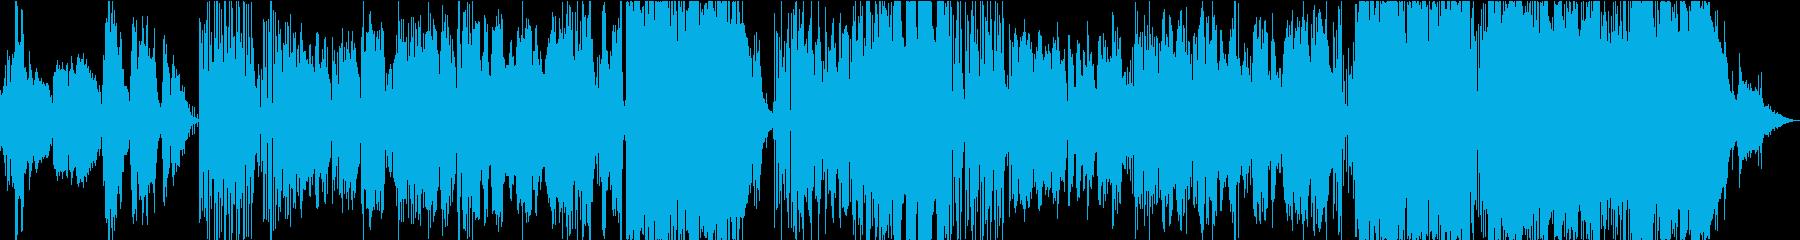 二胡の音色が儚さを歌いあげたバラードの再生済みの波形